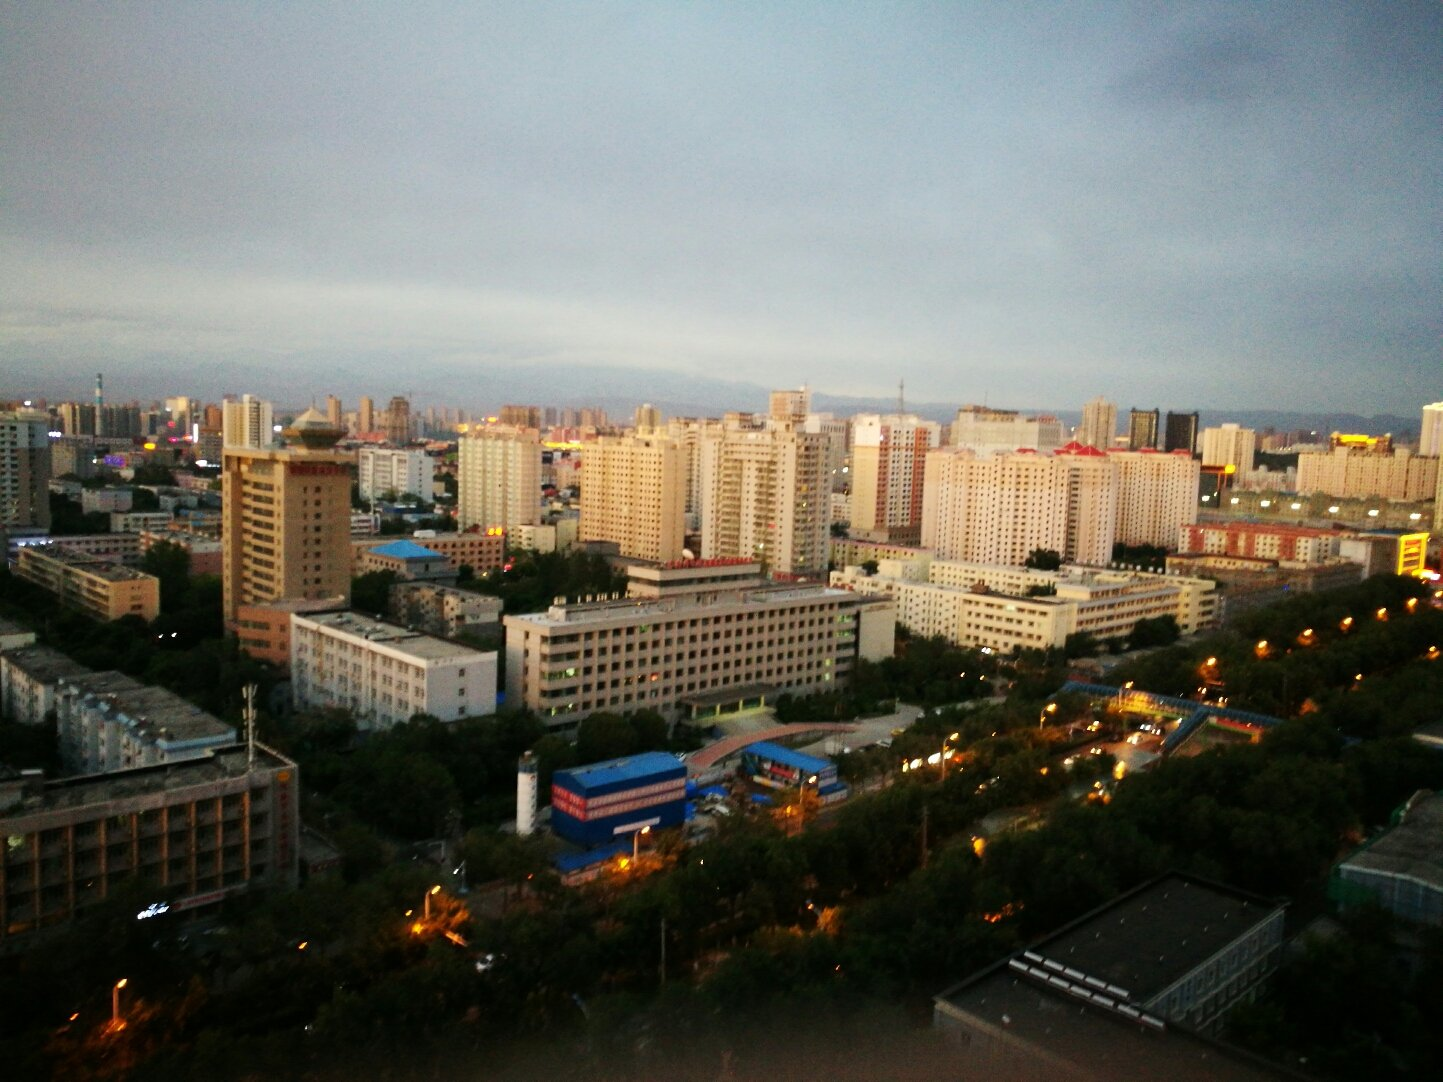 新疆乌鲁木齐高新技术产业开发区双创示范 基地创业带动就业专项行动方案